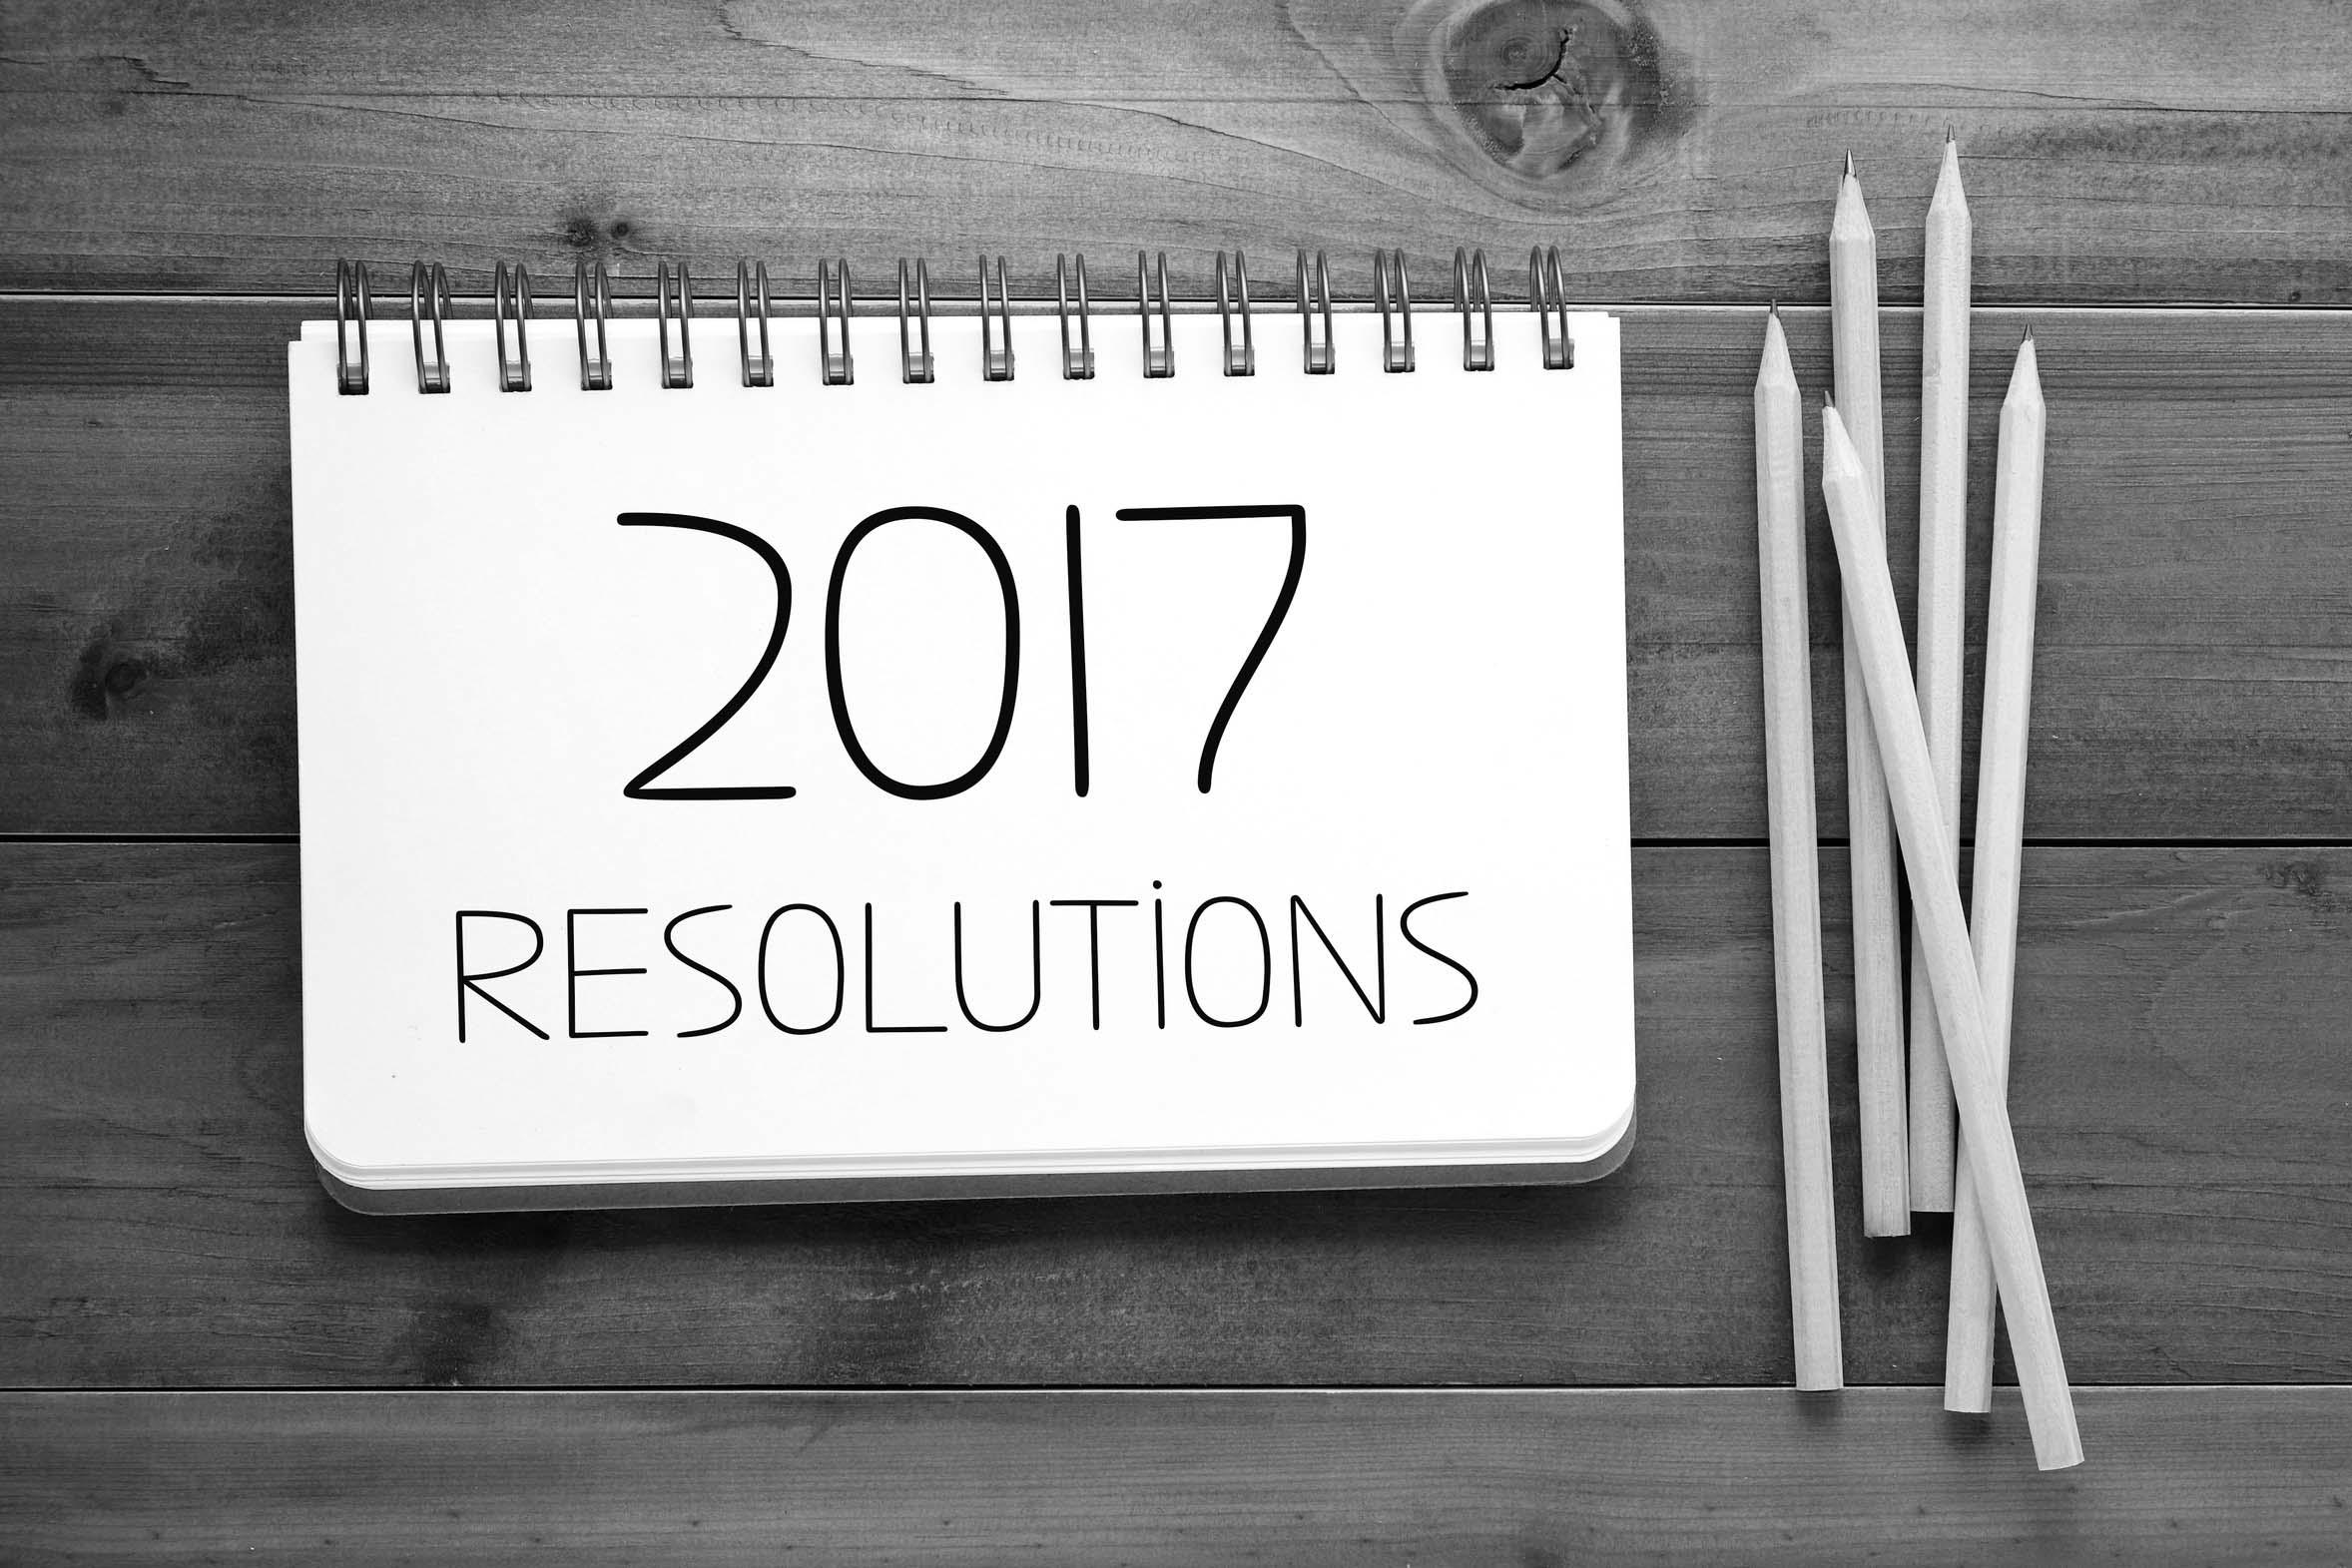 les bonnes resolutions pour 2017